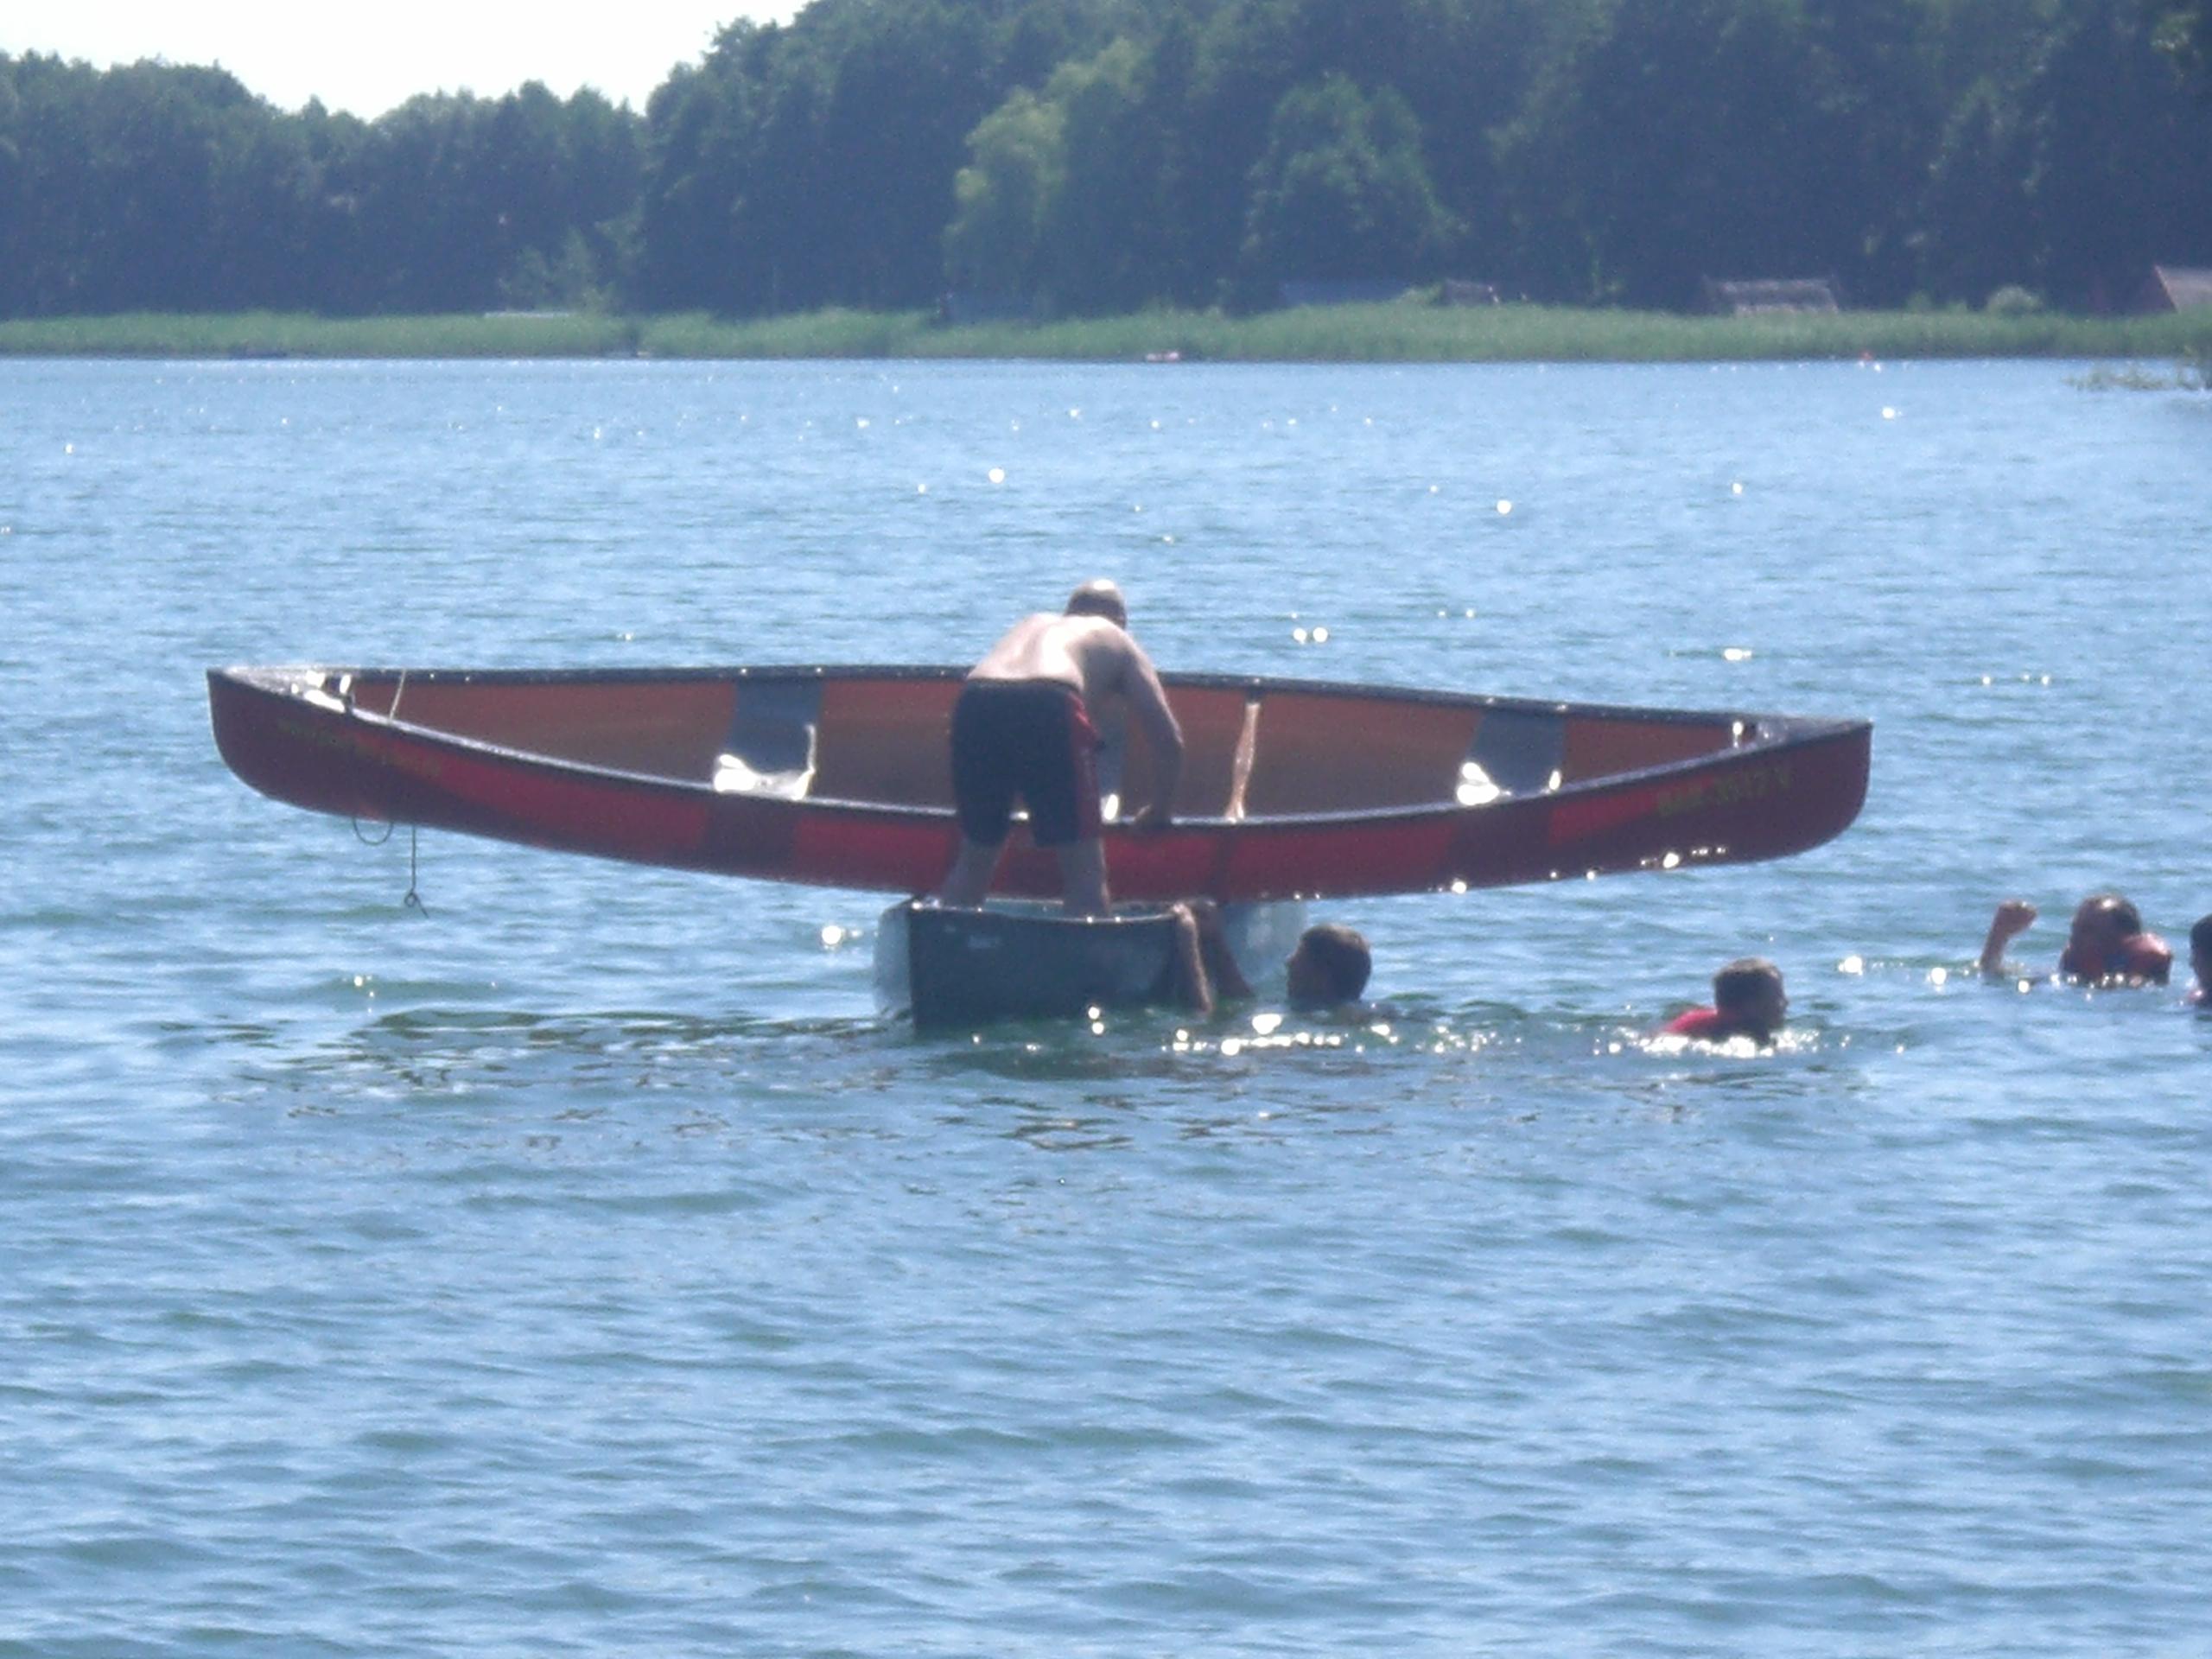 Kanu bergen auf dem Wasser